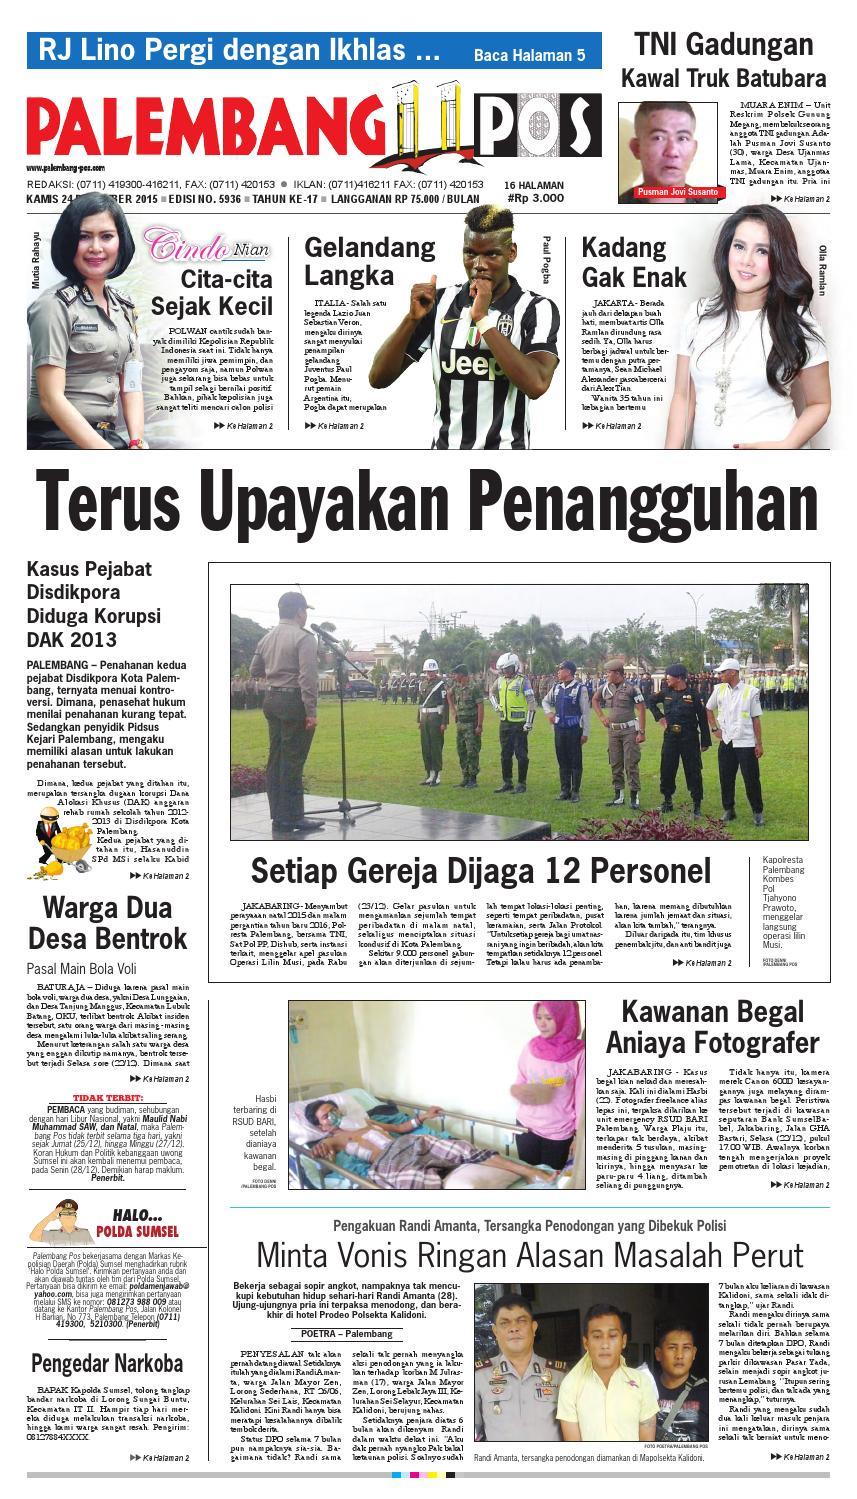 PALEMBANG POS EDISI KAMIS 24 DESEMBER 2015 by Palembang Pos - issuu 1725cb370e